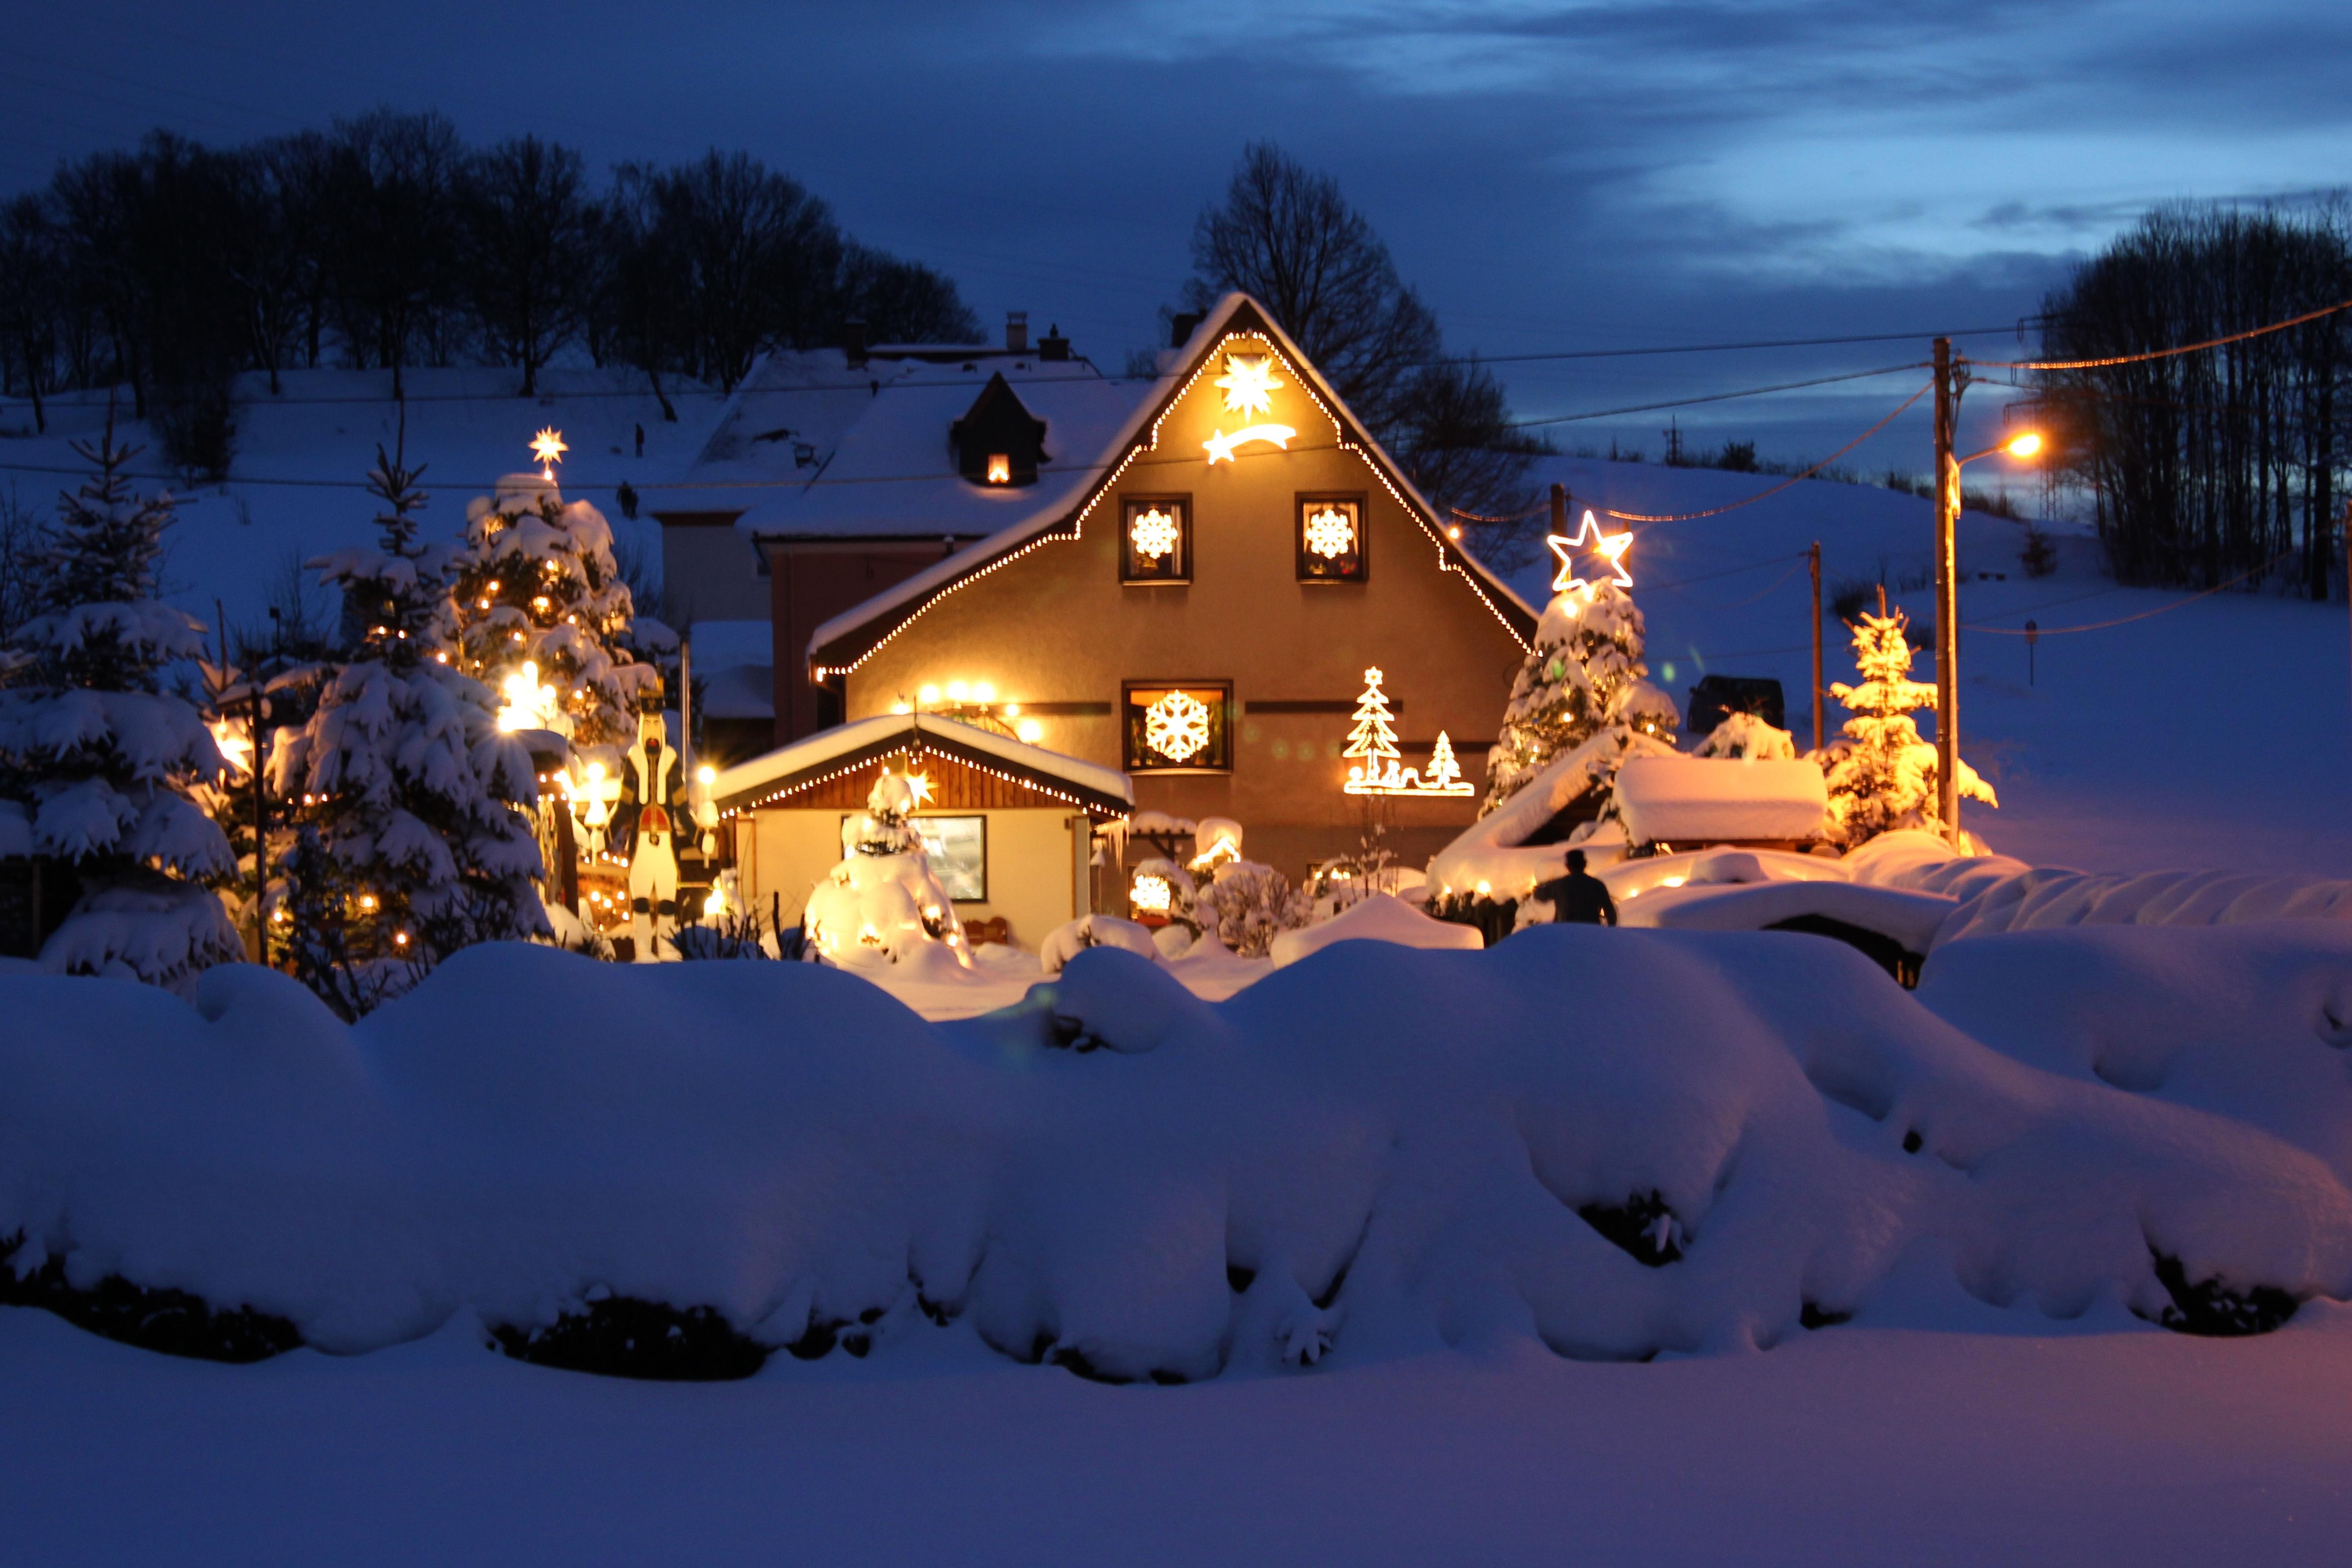 file weihnachtszeit lichterhaus niederw rschnitz img wikimedia commons. Black Bedroom Furniture Sets. Home Design Ideas